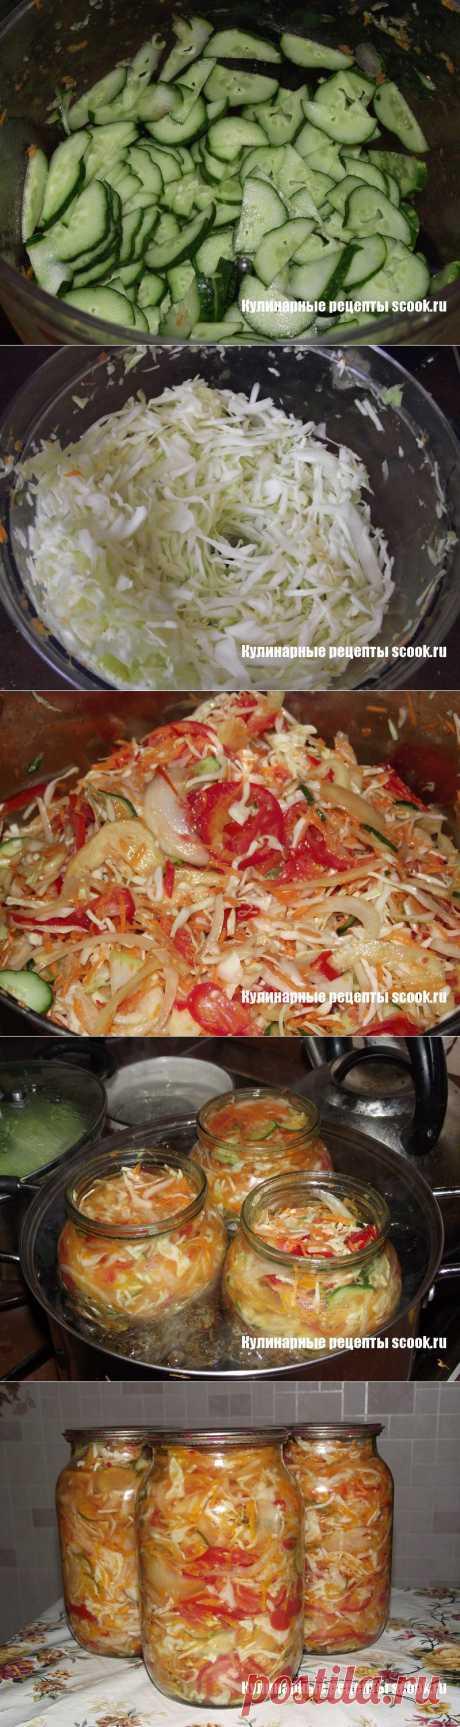 Салат «Осенний» на зиму | Рецепты вкусных блюд